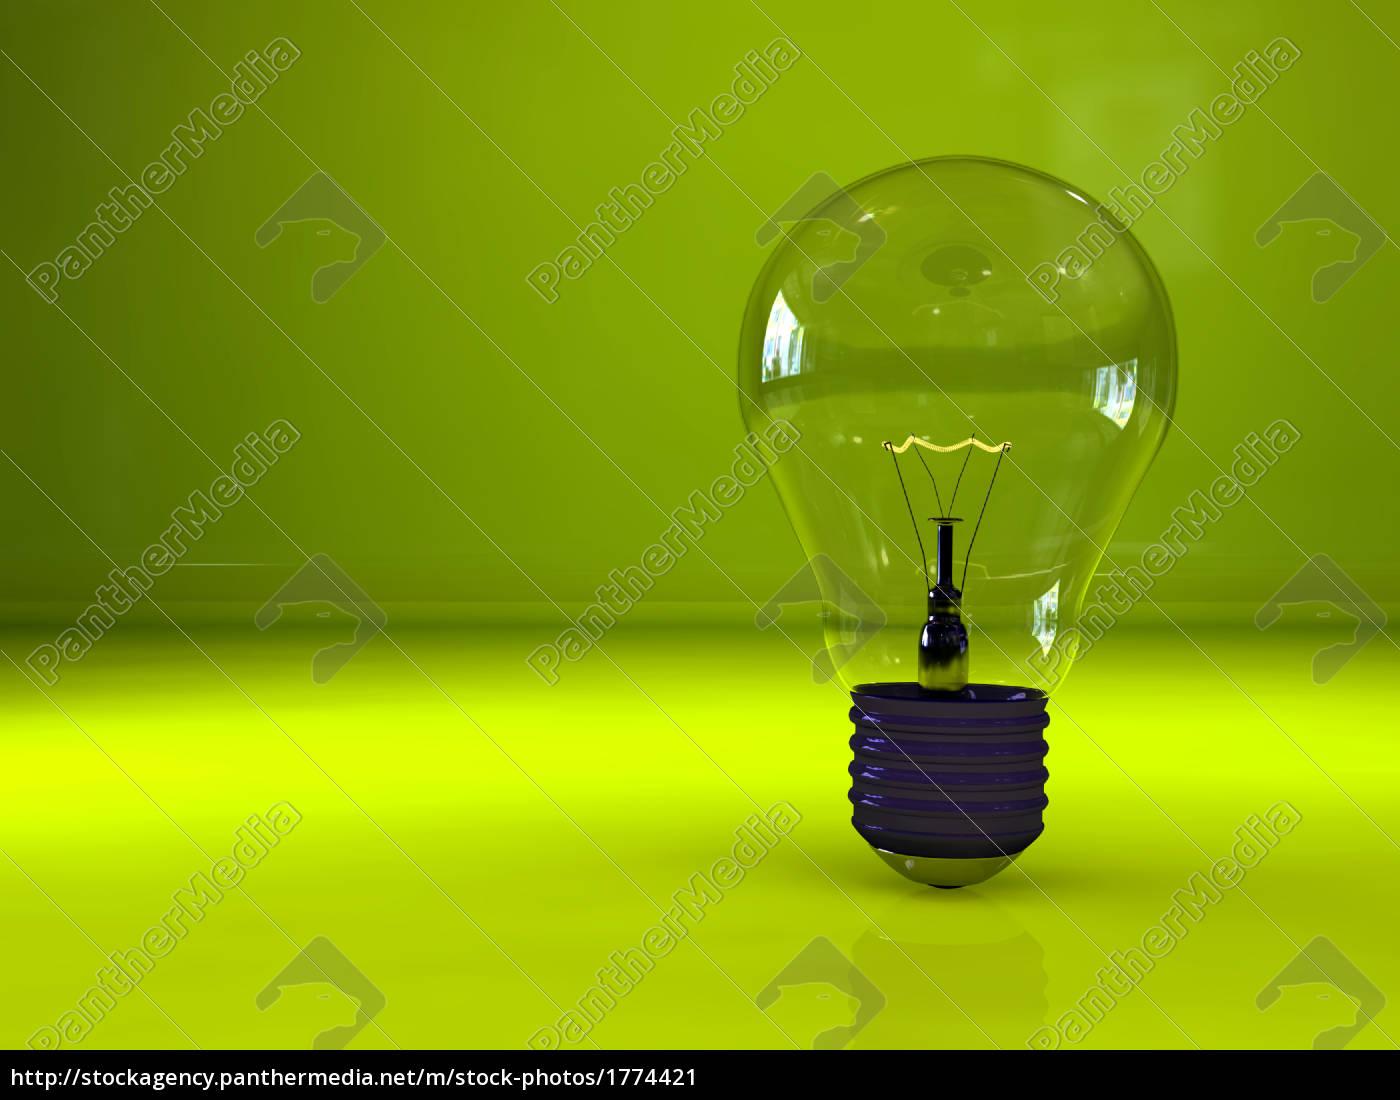 lightbulb - 1774421